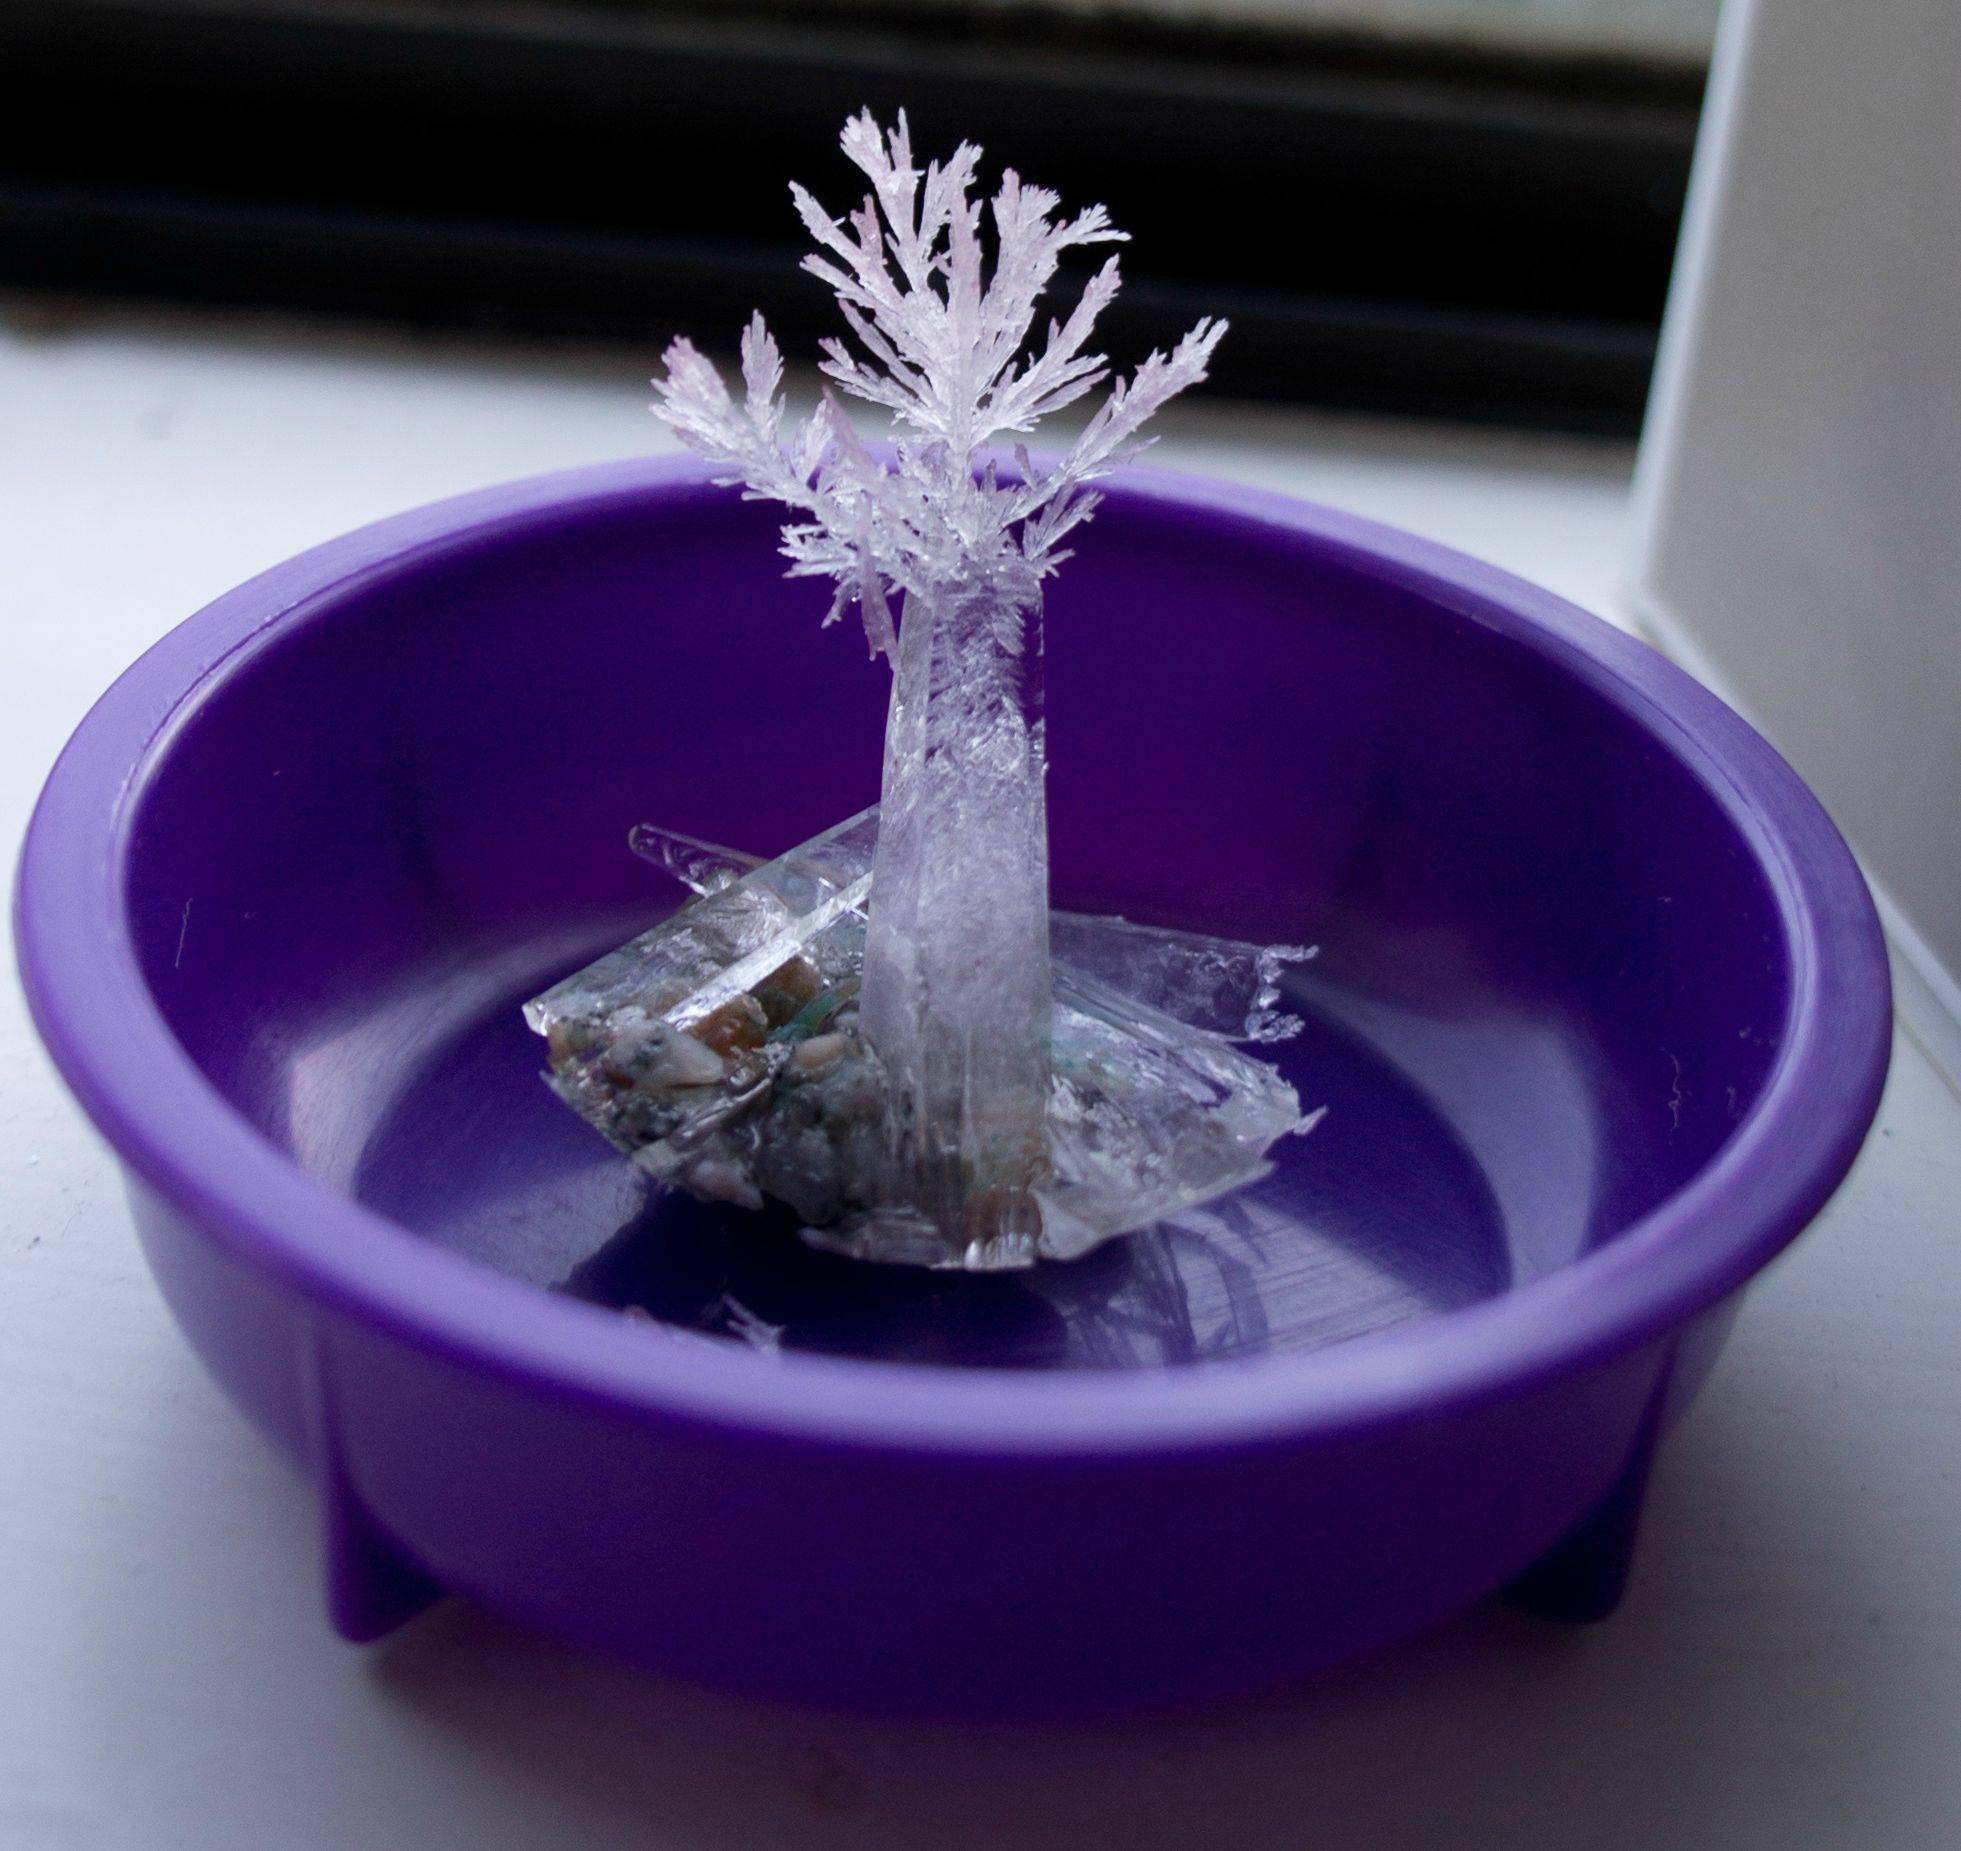 Кристаллы в домашних условиях: быстрое выращивание красивых и разноцветных кристаллов. кристаллы из соли — выращивание крупных и разноцветных красивых декоративных кристаллов (110 фото)